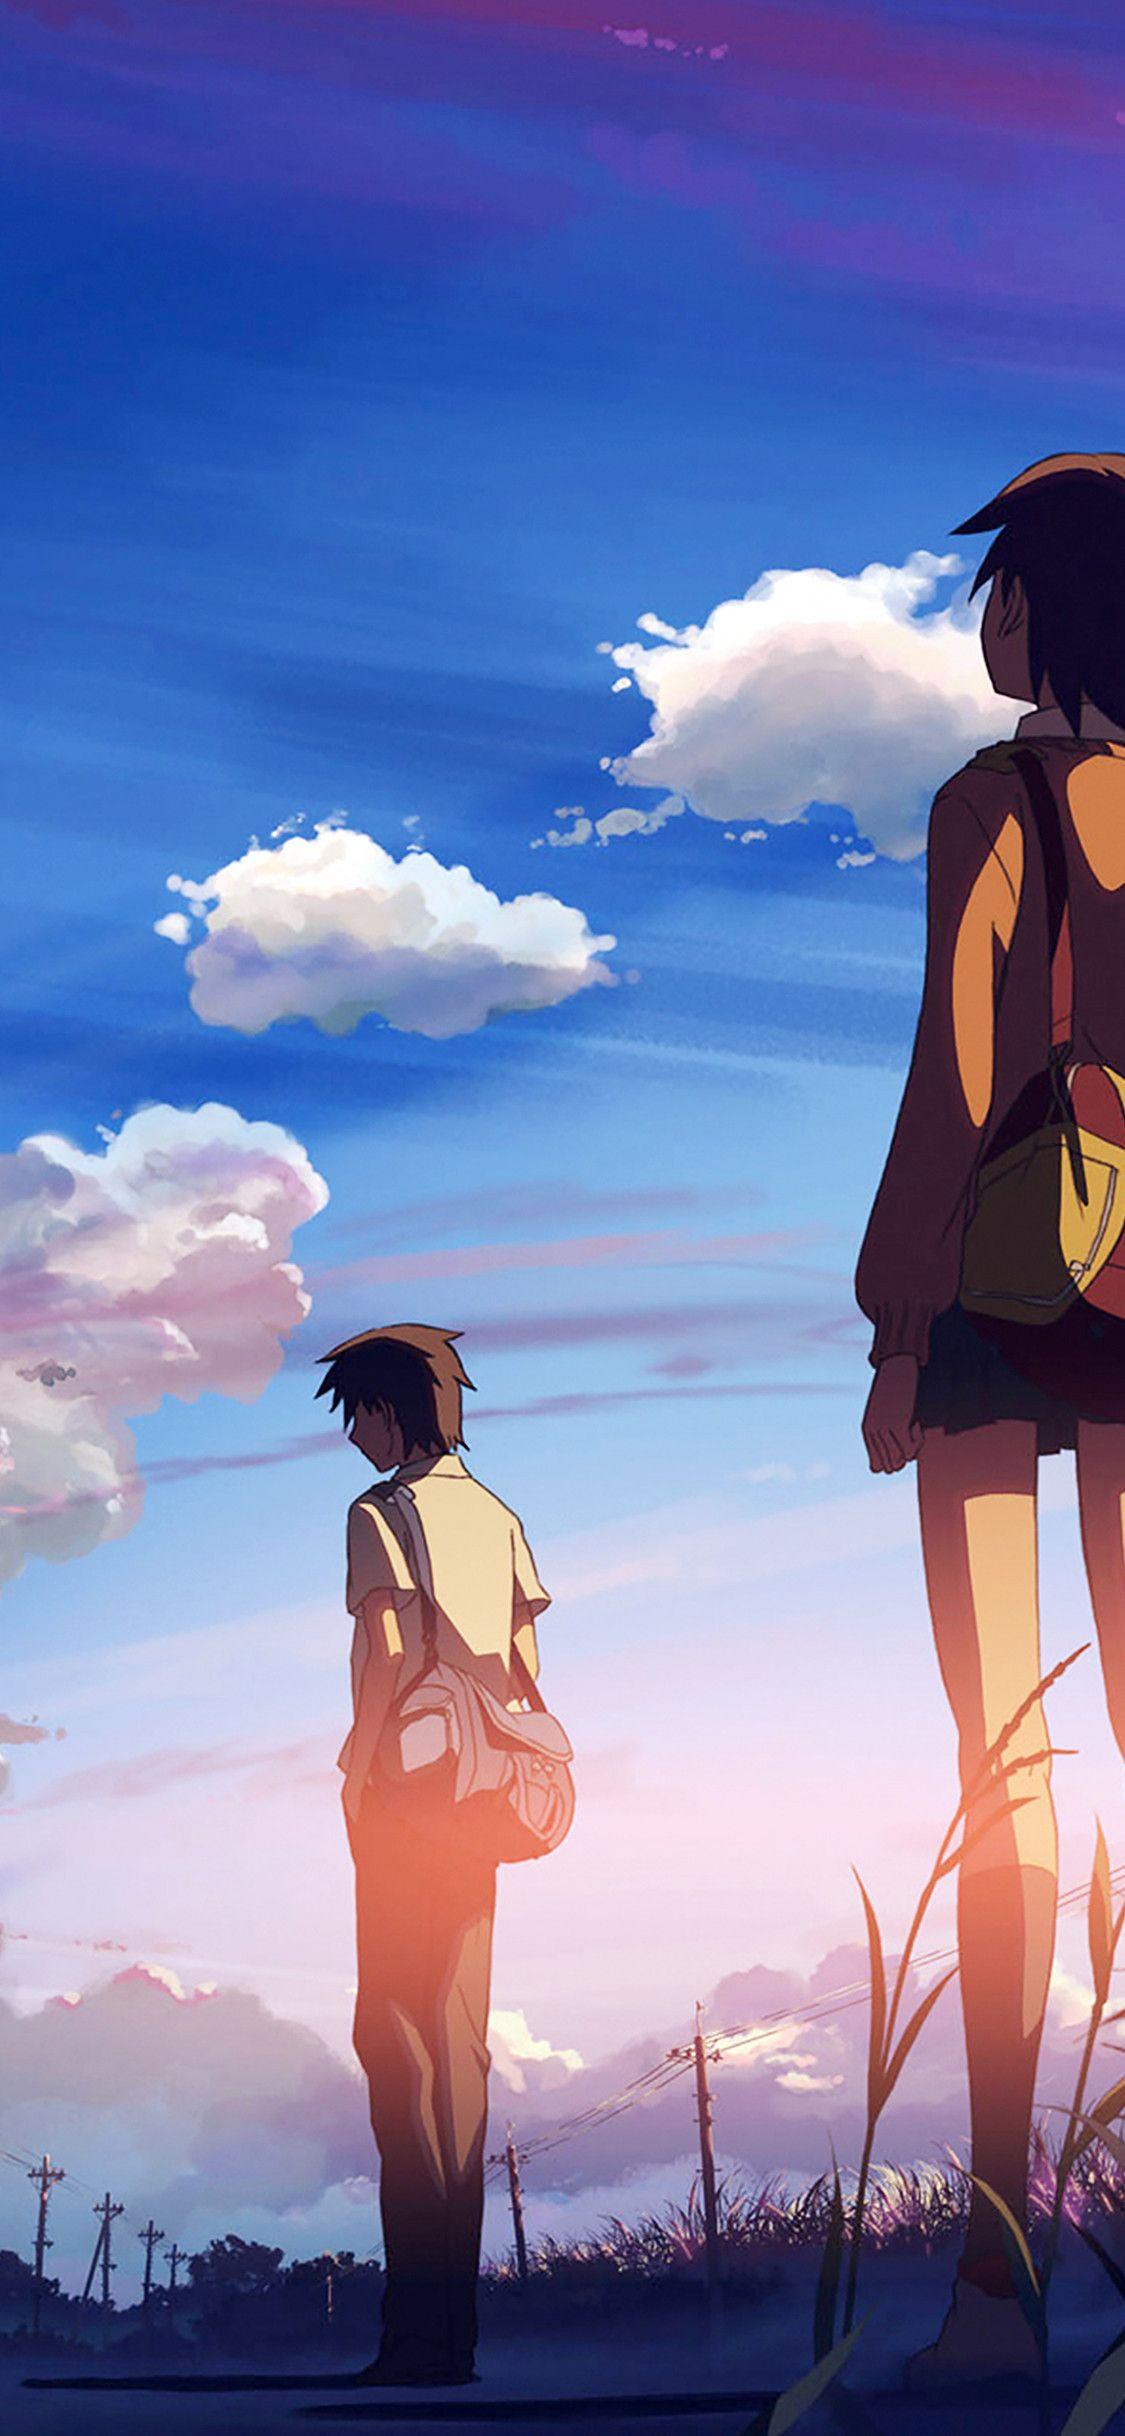 Gambar Anime Romantis Wallpaper Dengan Gambar